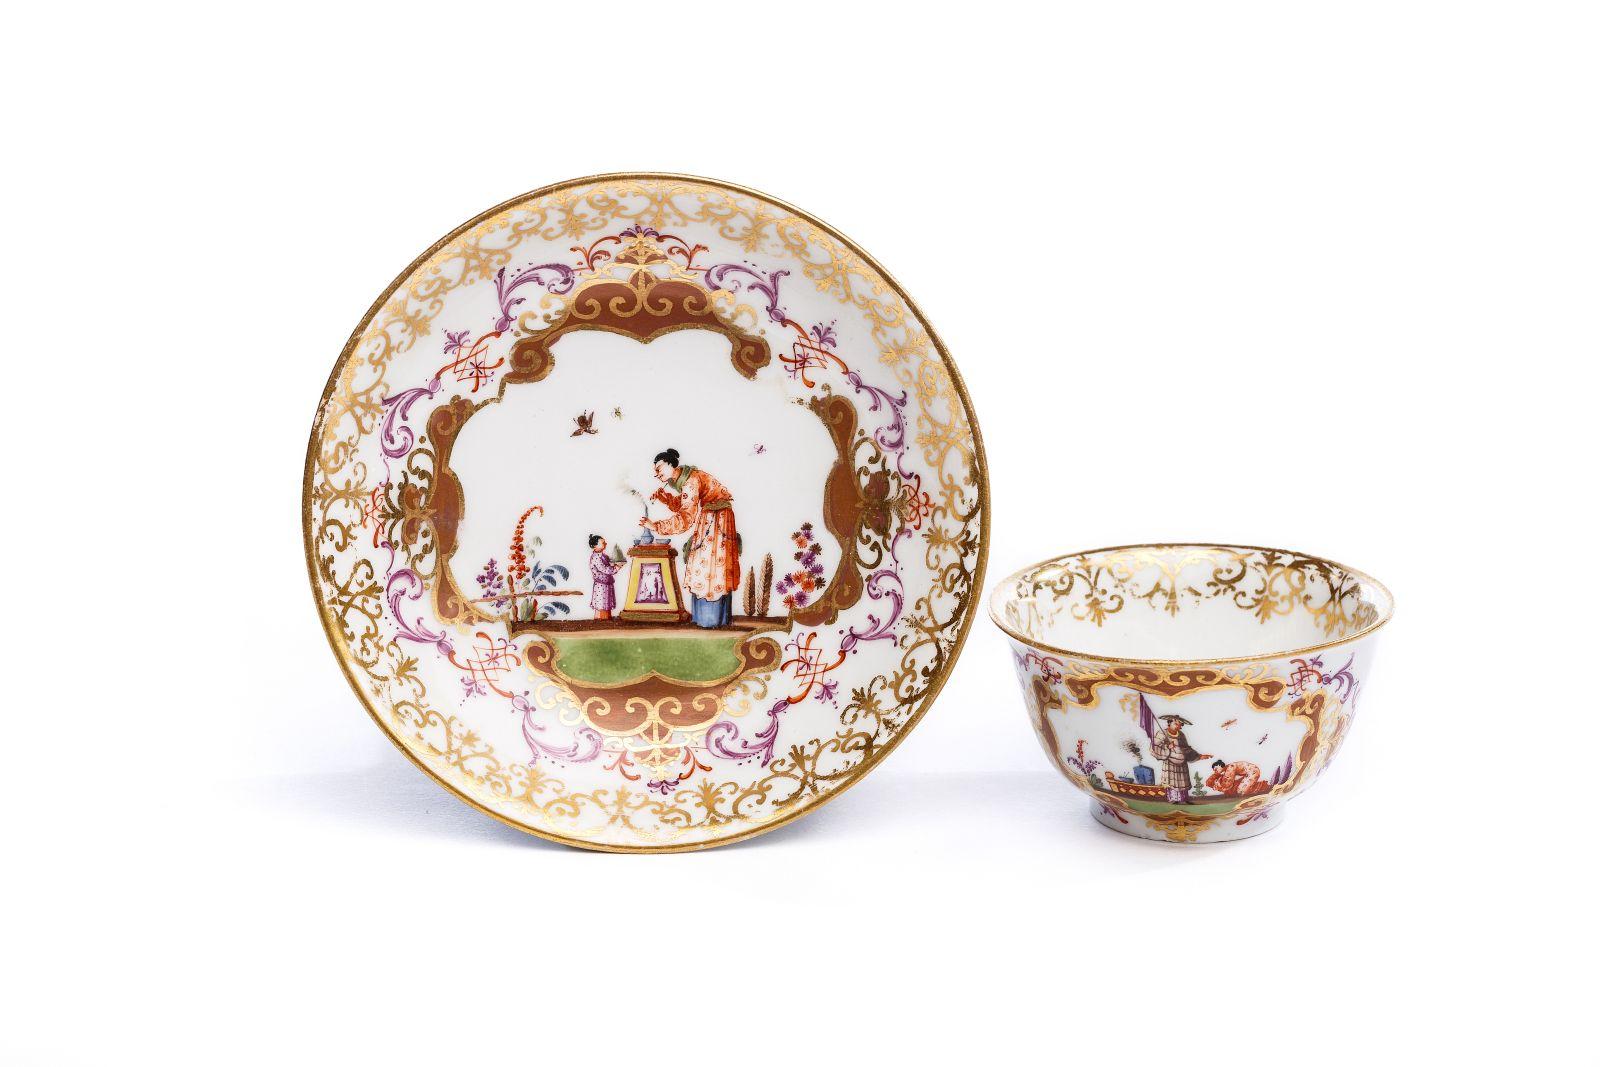 #167 Bowl with saucer, Meissen 1720/25 | Koppchen mit Unterschale, Meissen 1720/25 Image